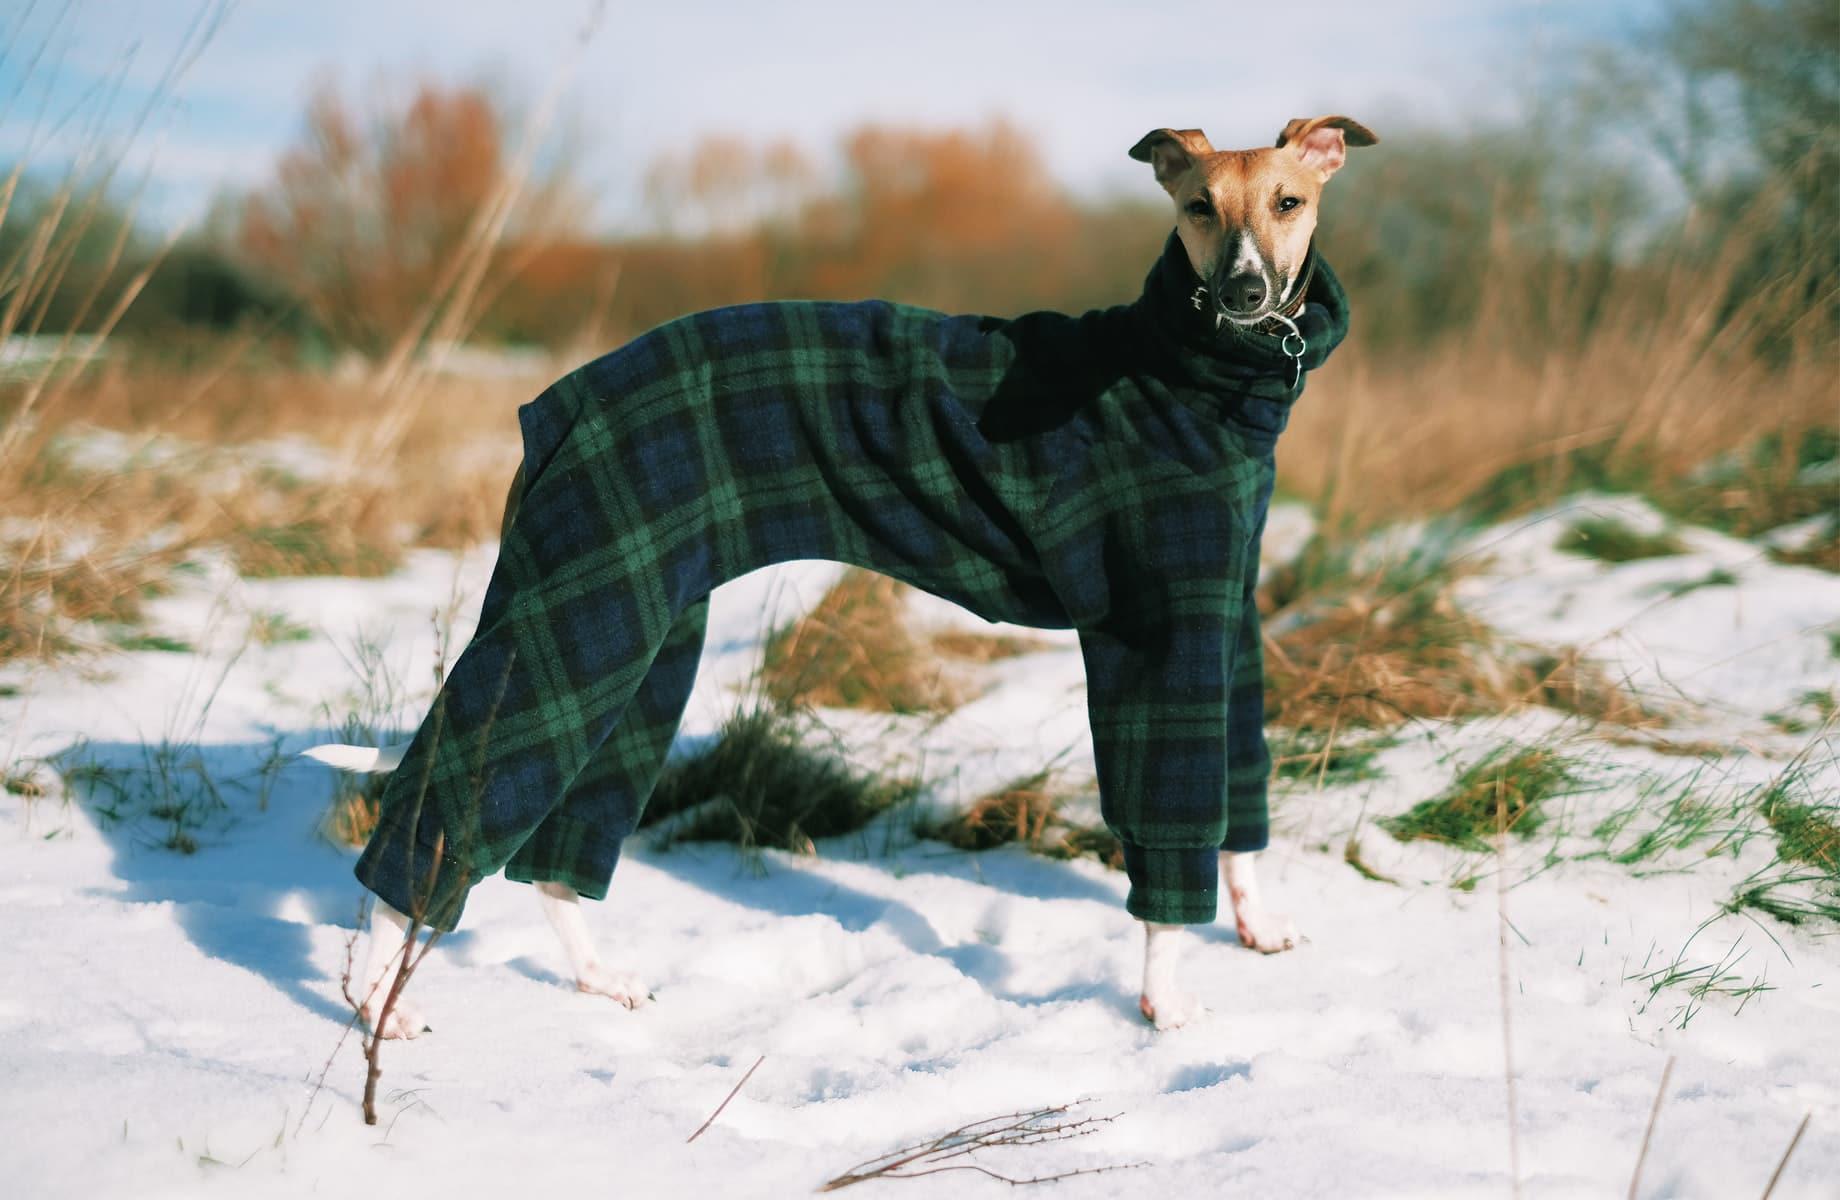 lévrier avec un manteau